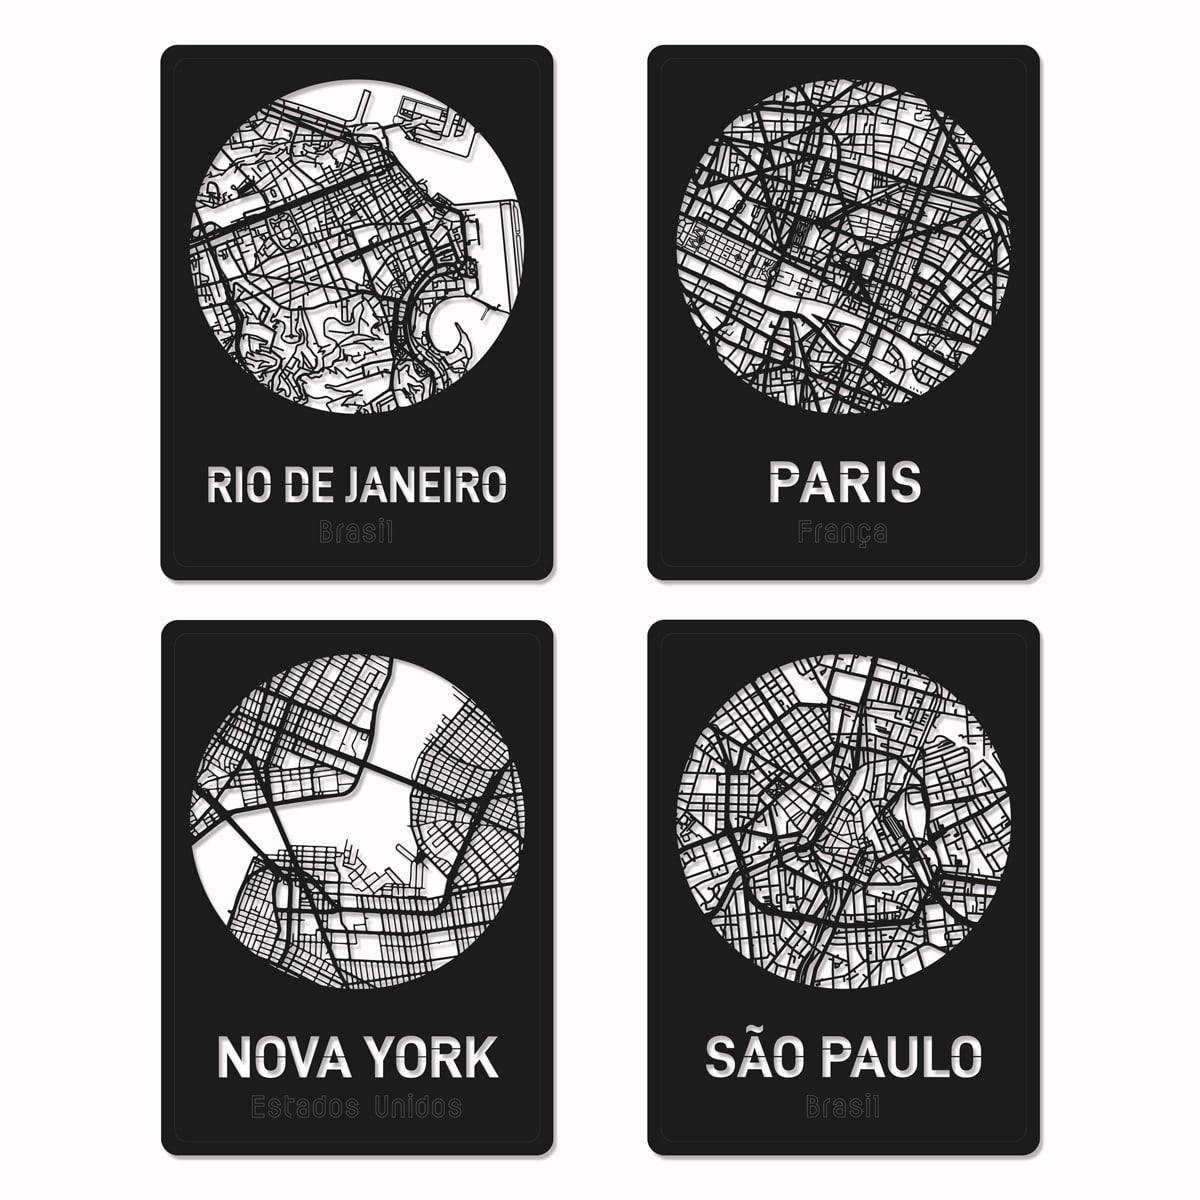 Mapas de cidades recortados em madeira 3mm